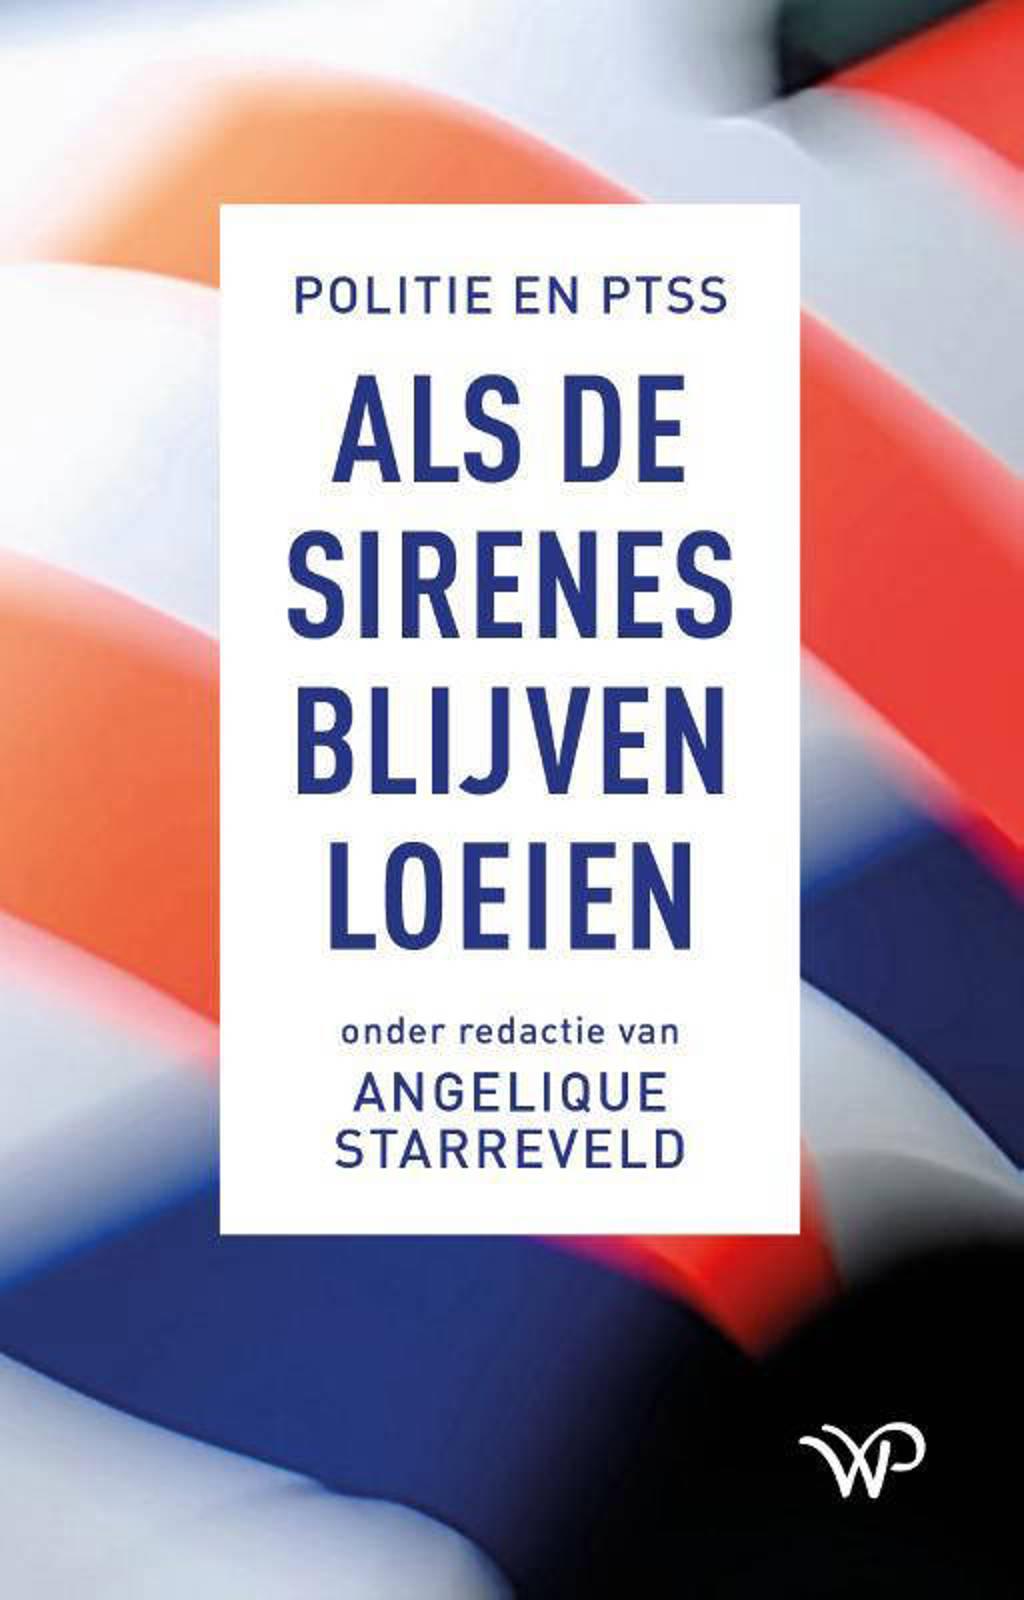 Als de sirenes blijven loeien - Angelique Starreveld